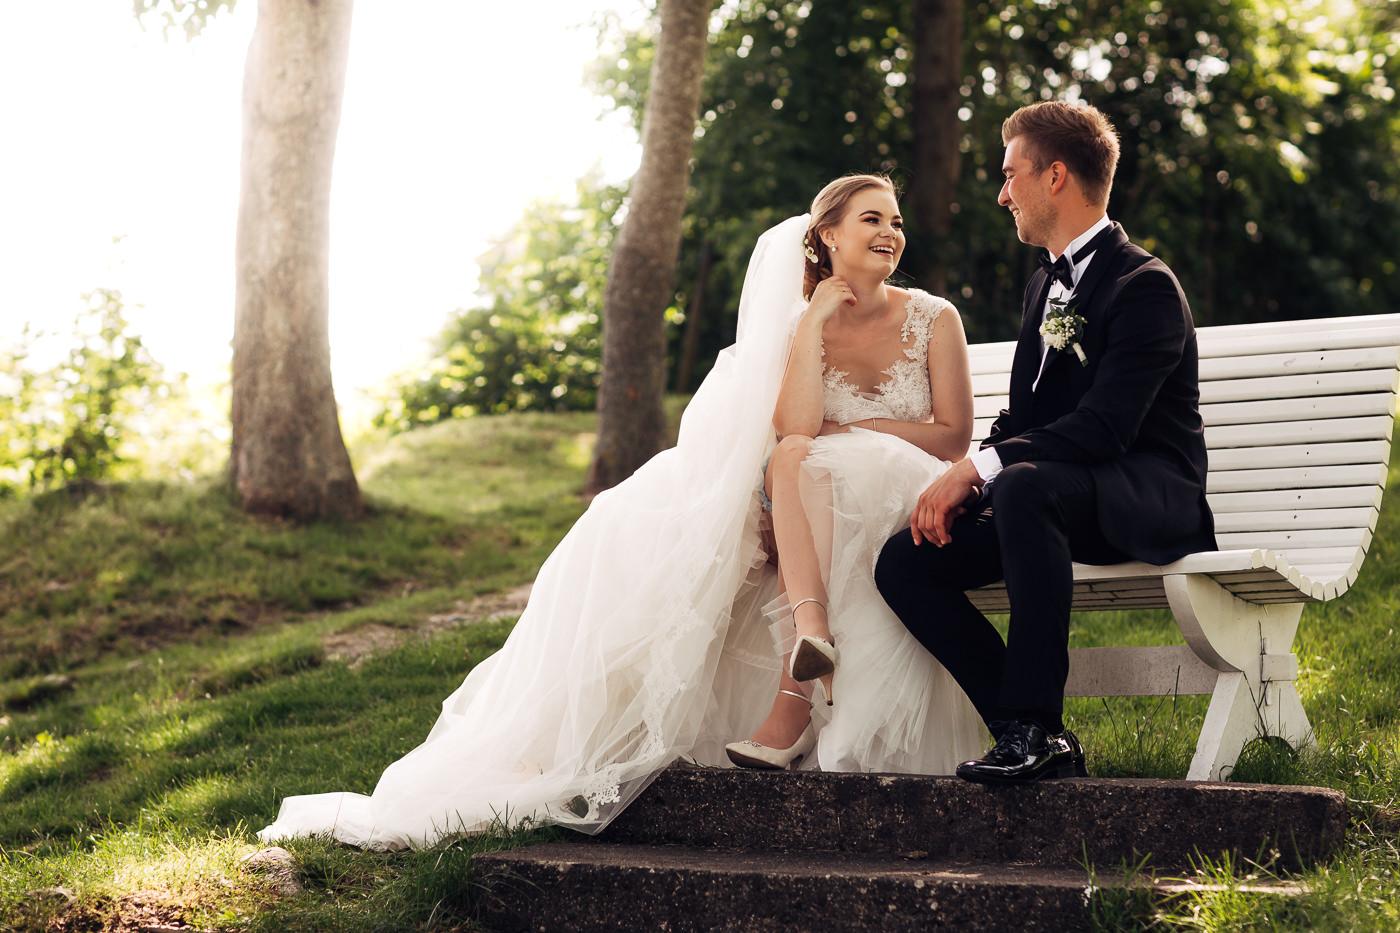 Marte & Mathias - heldagsfotografering i Horten med magisk avslutning Bryllup Dal Gjestegard Horten Vestfold 28